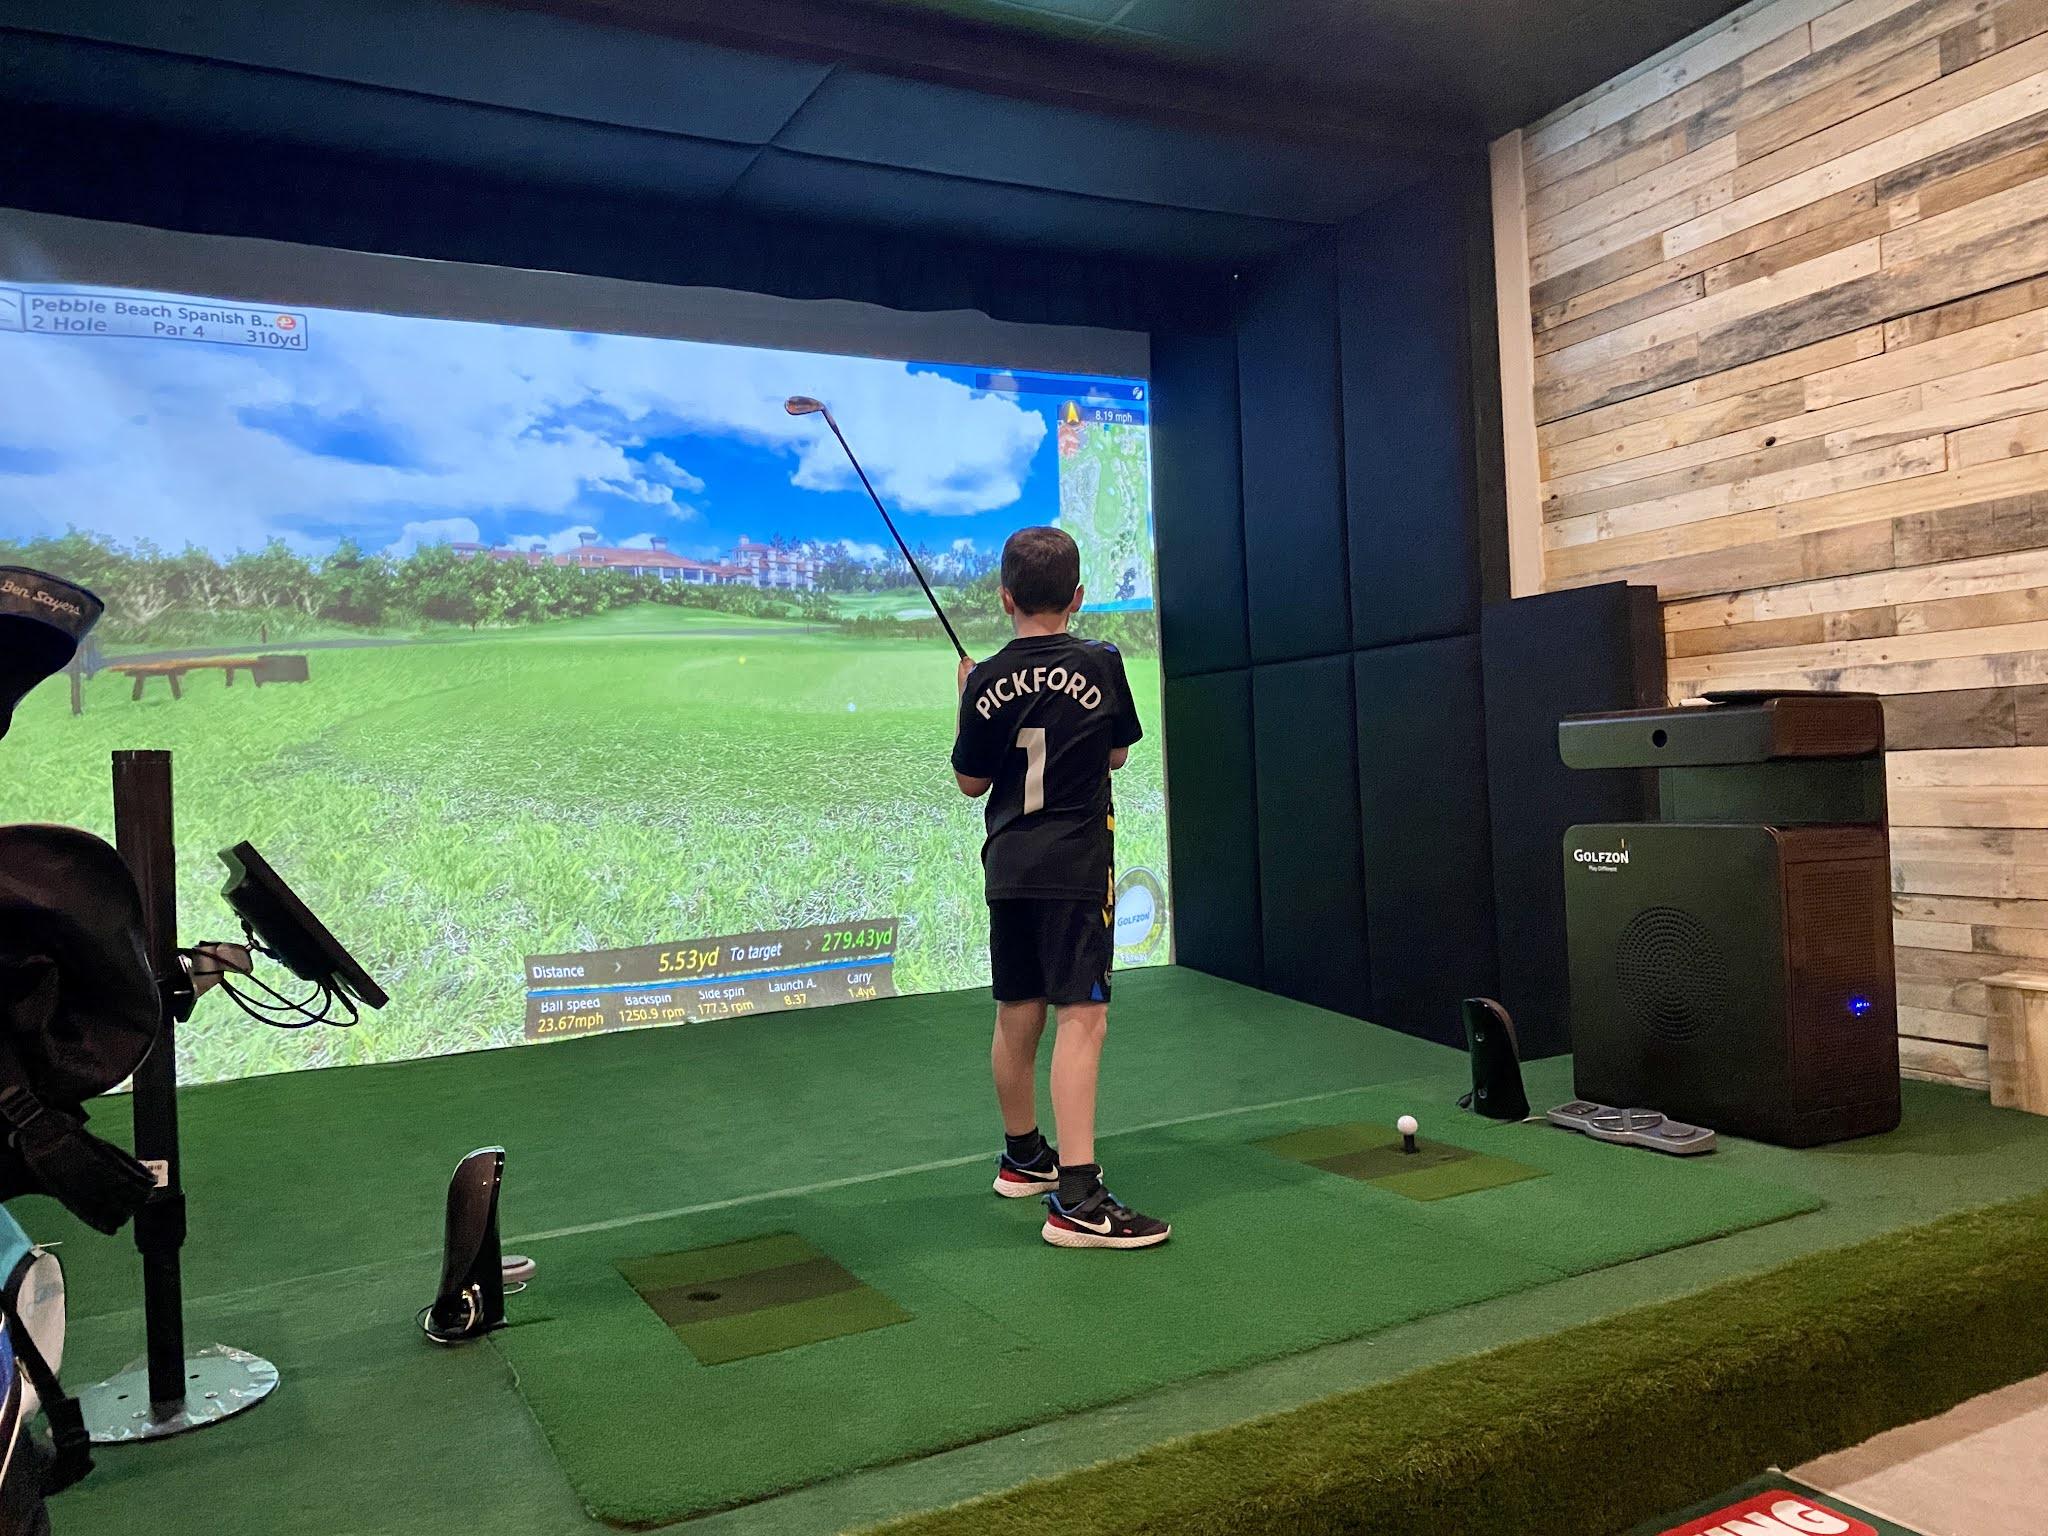 boy playing on a golf simulator